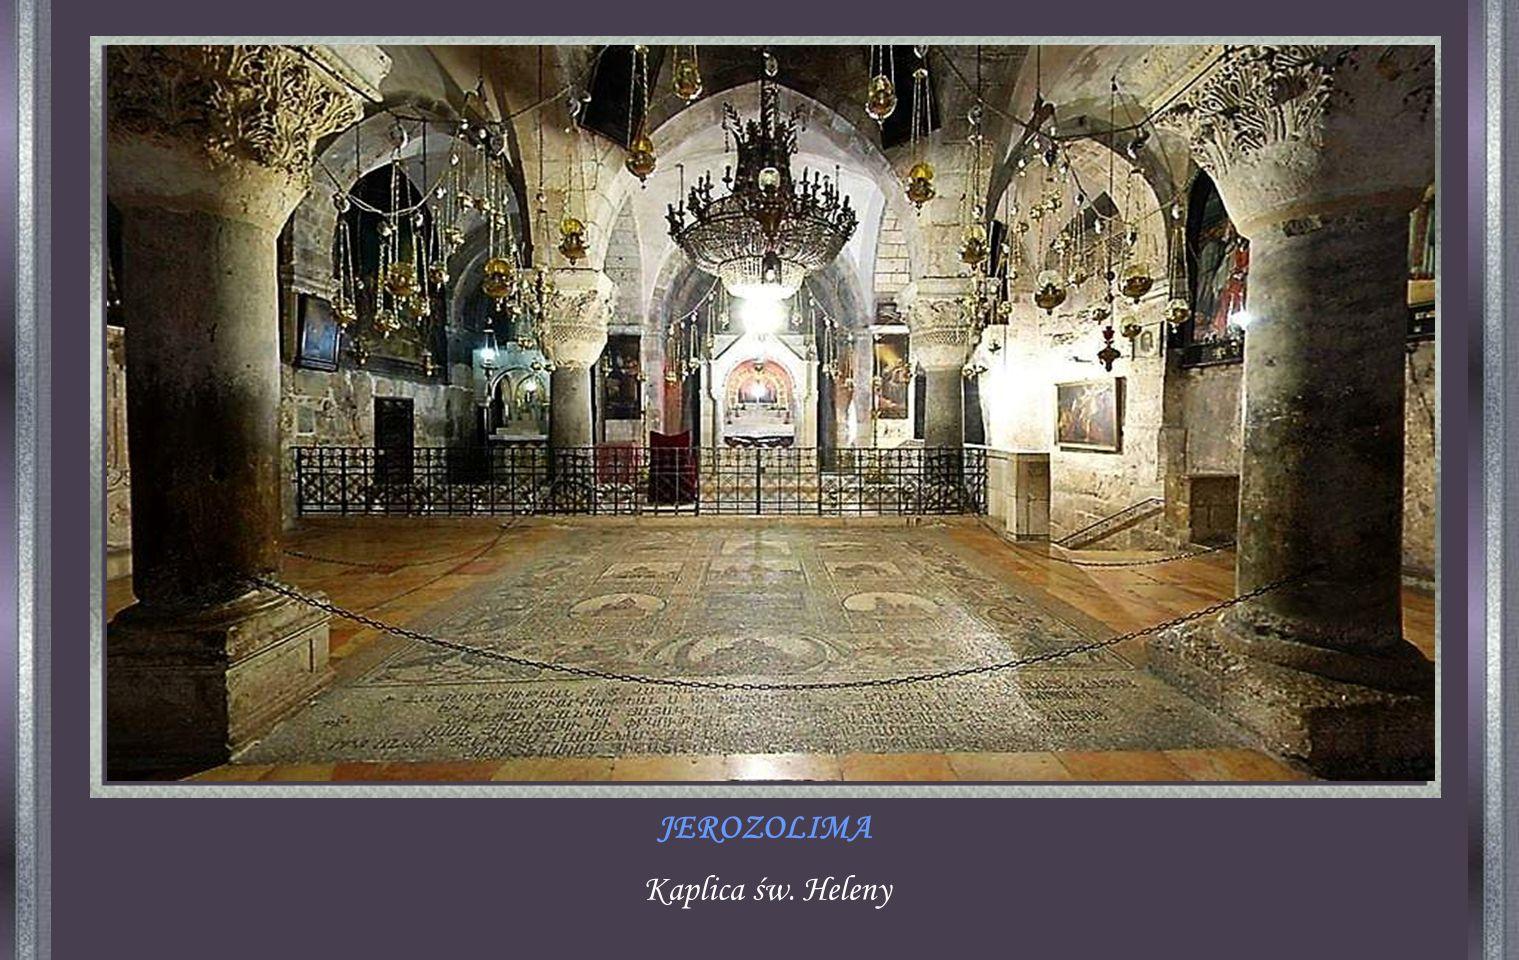 Kaplica św. Heleny JEROZOLIMA